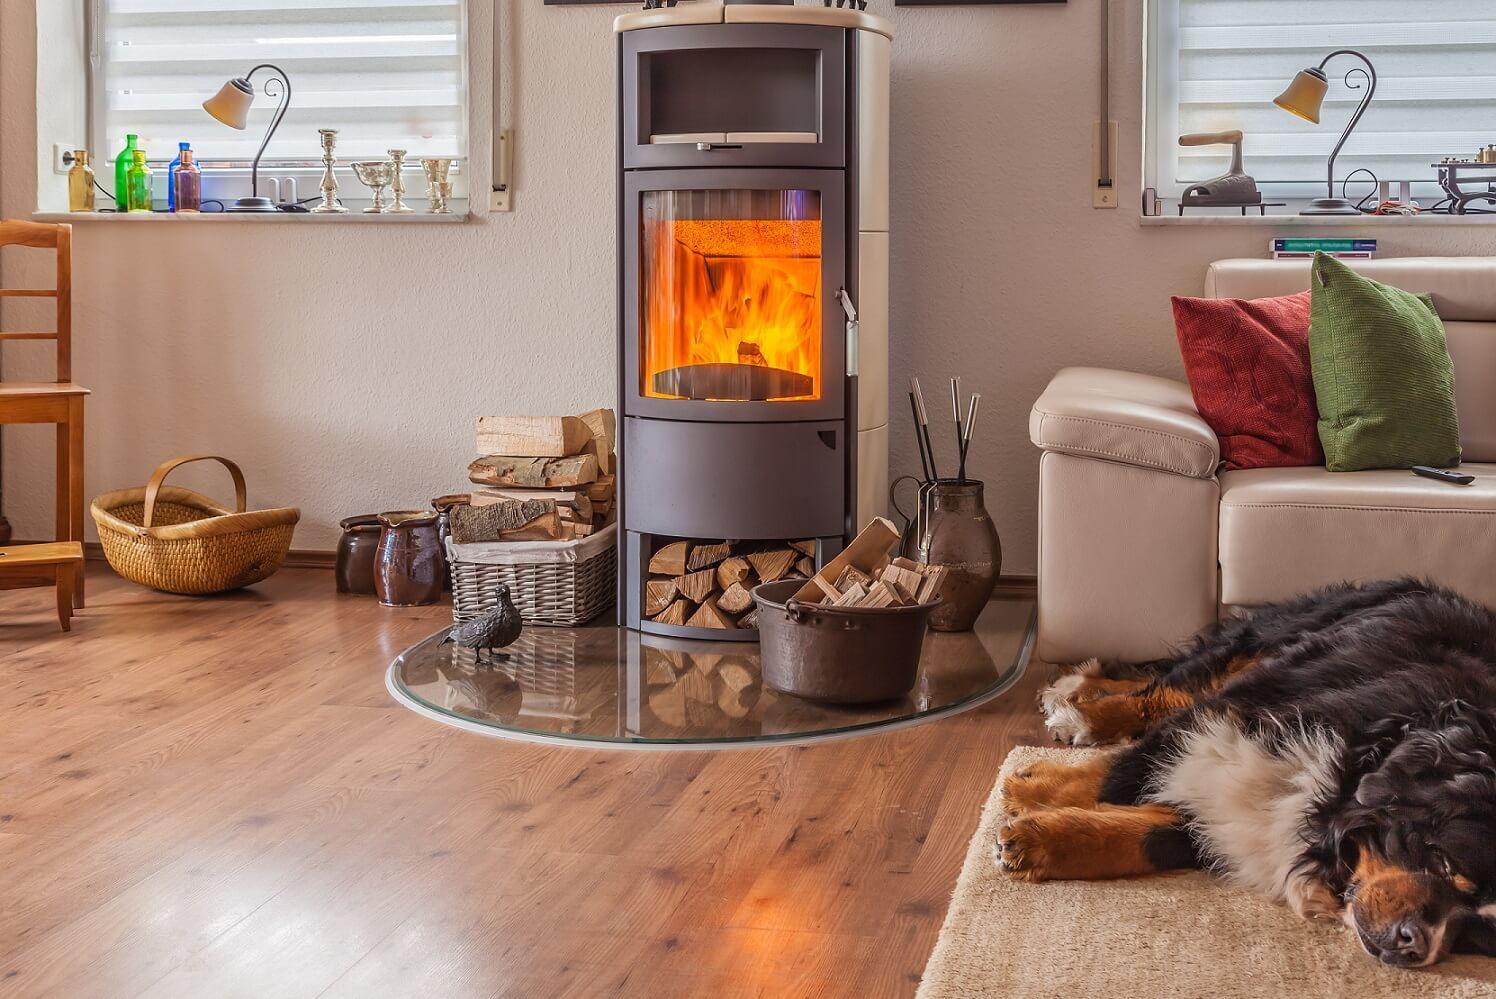 Jak správně topit v krbových kamnech na dřevo